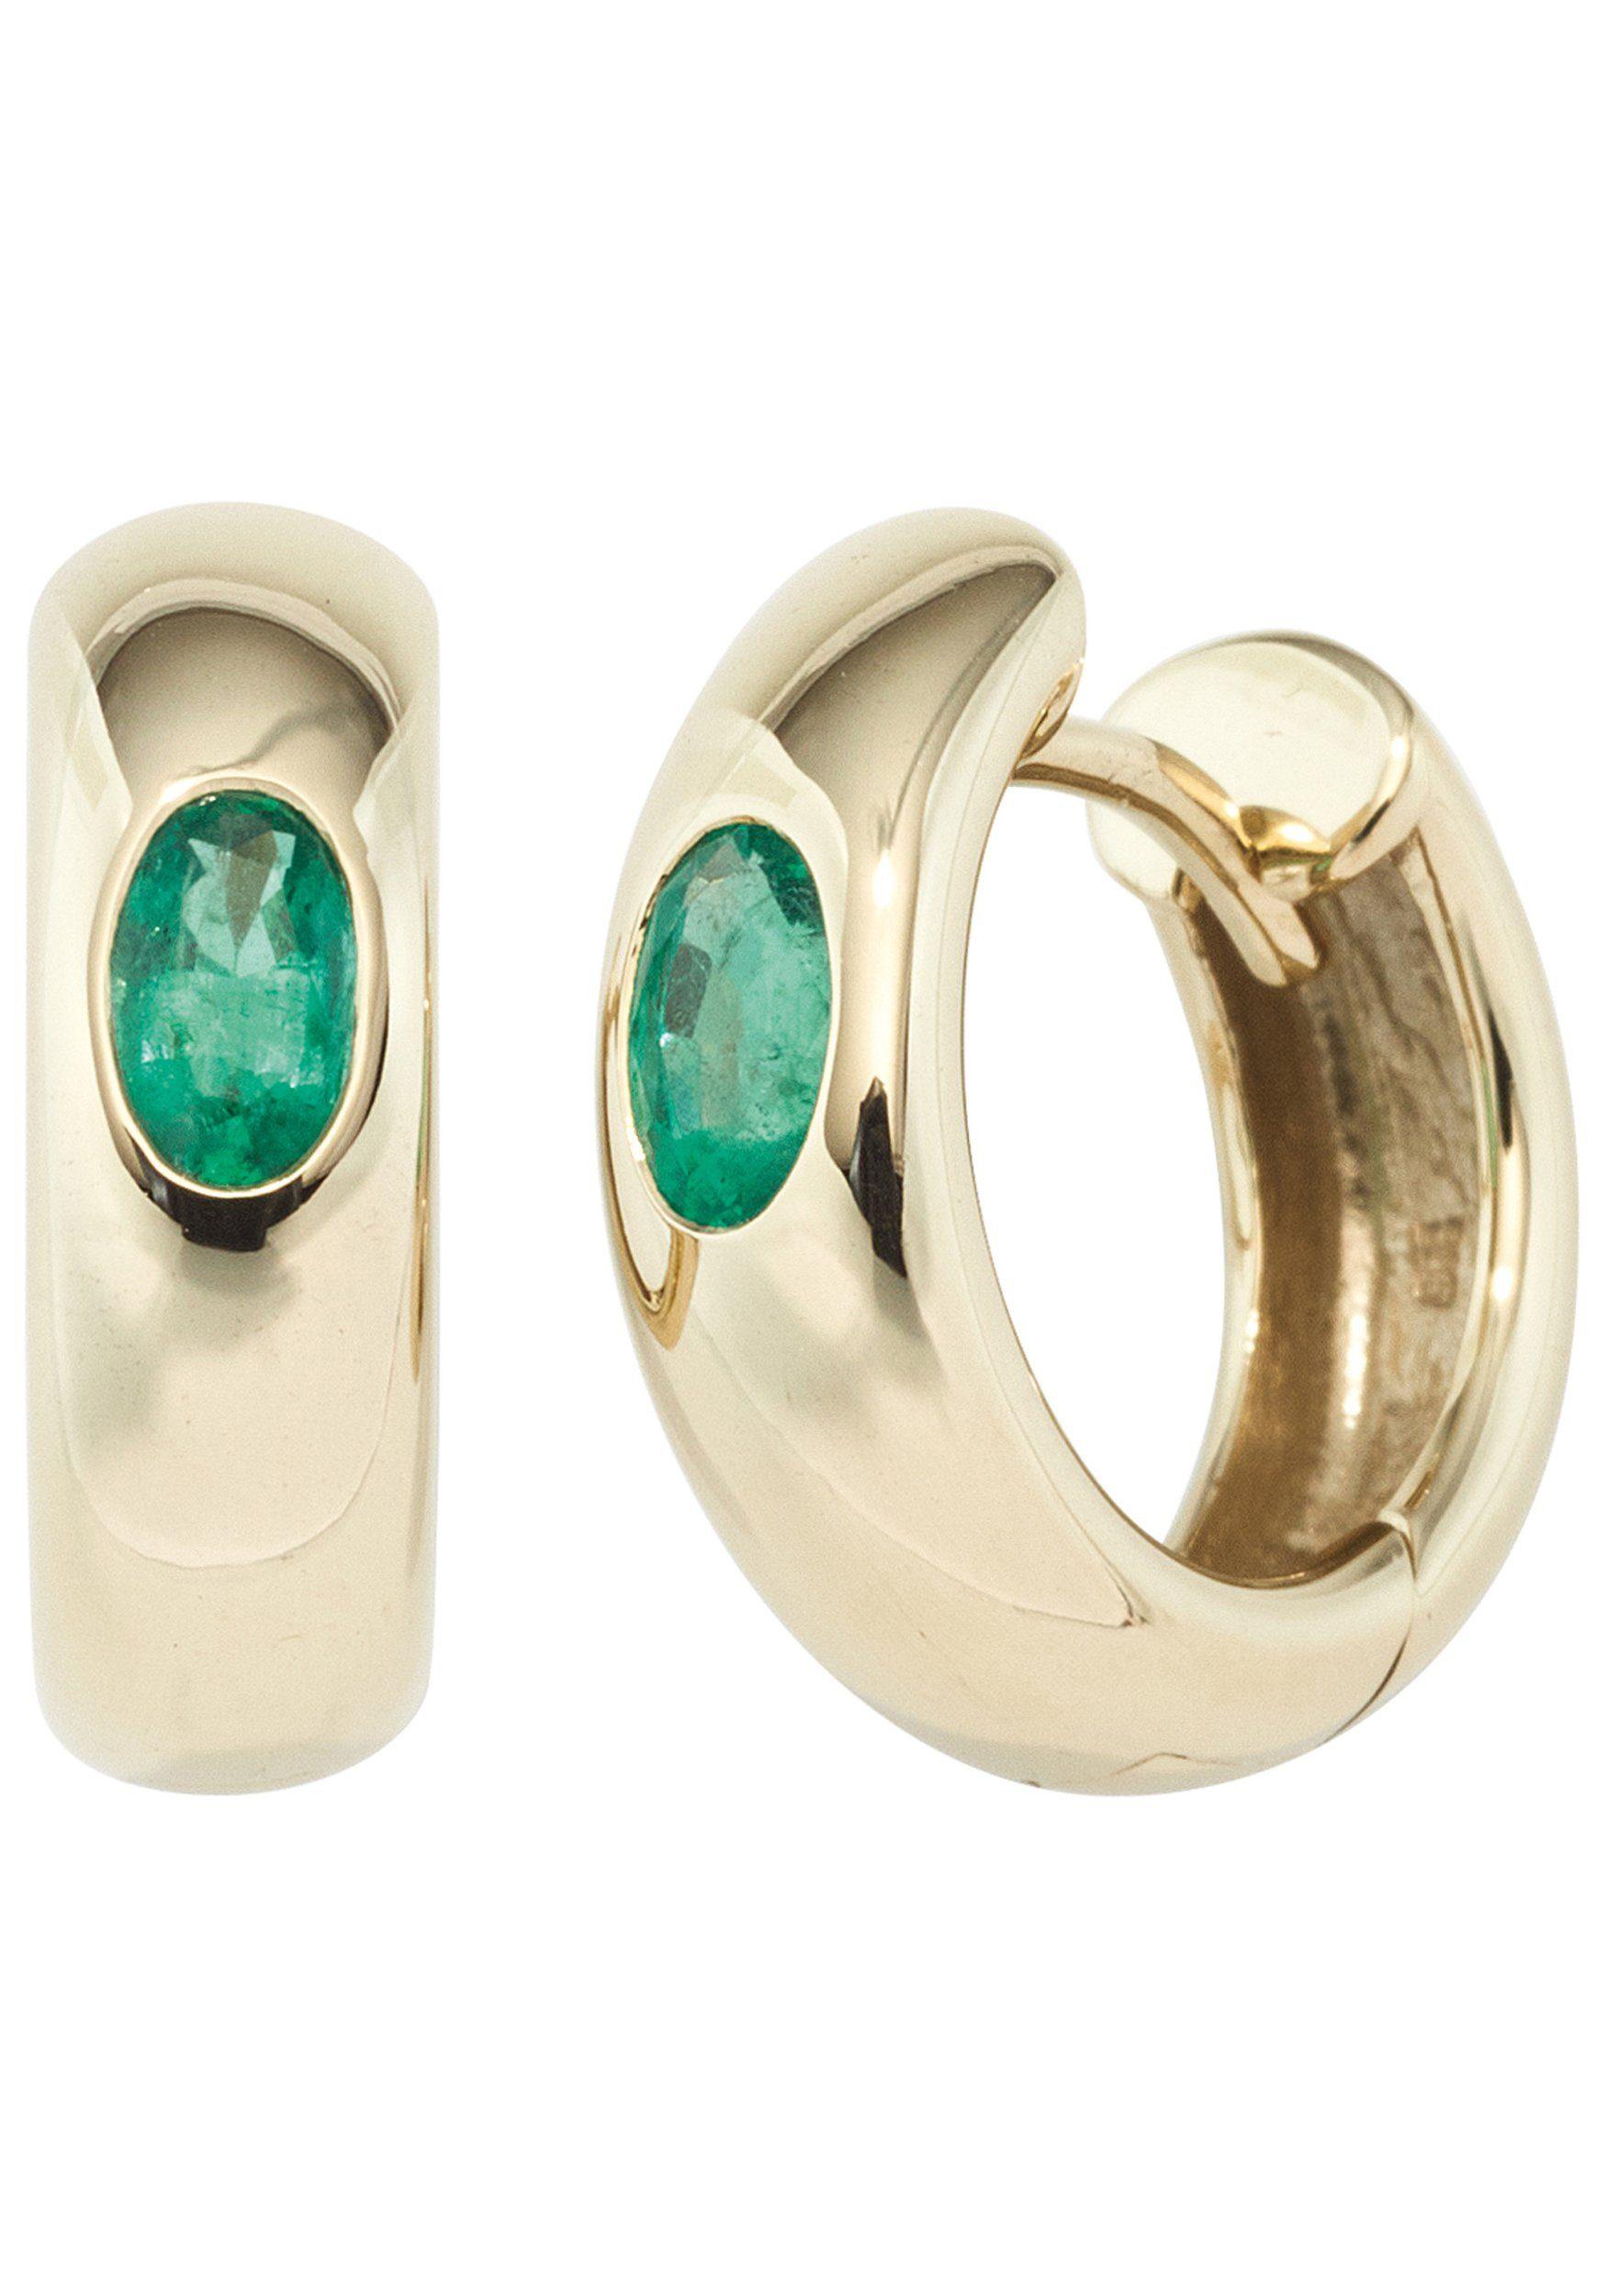 JOBO Paar Creolen rund 585 Gold mit Smaragd